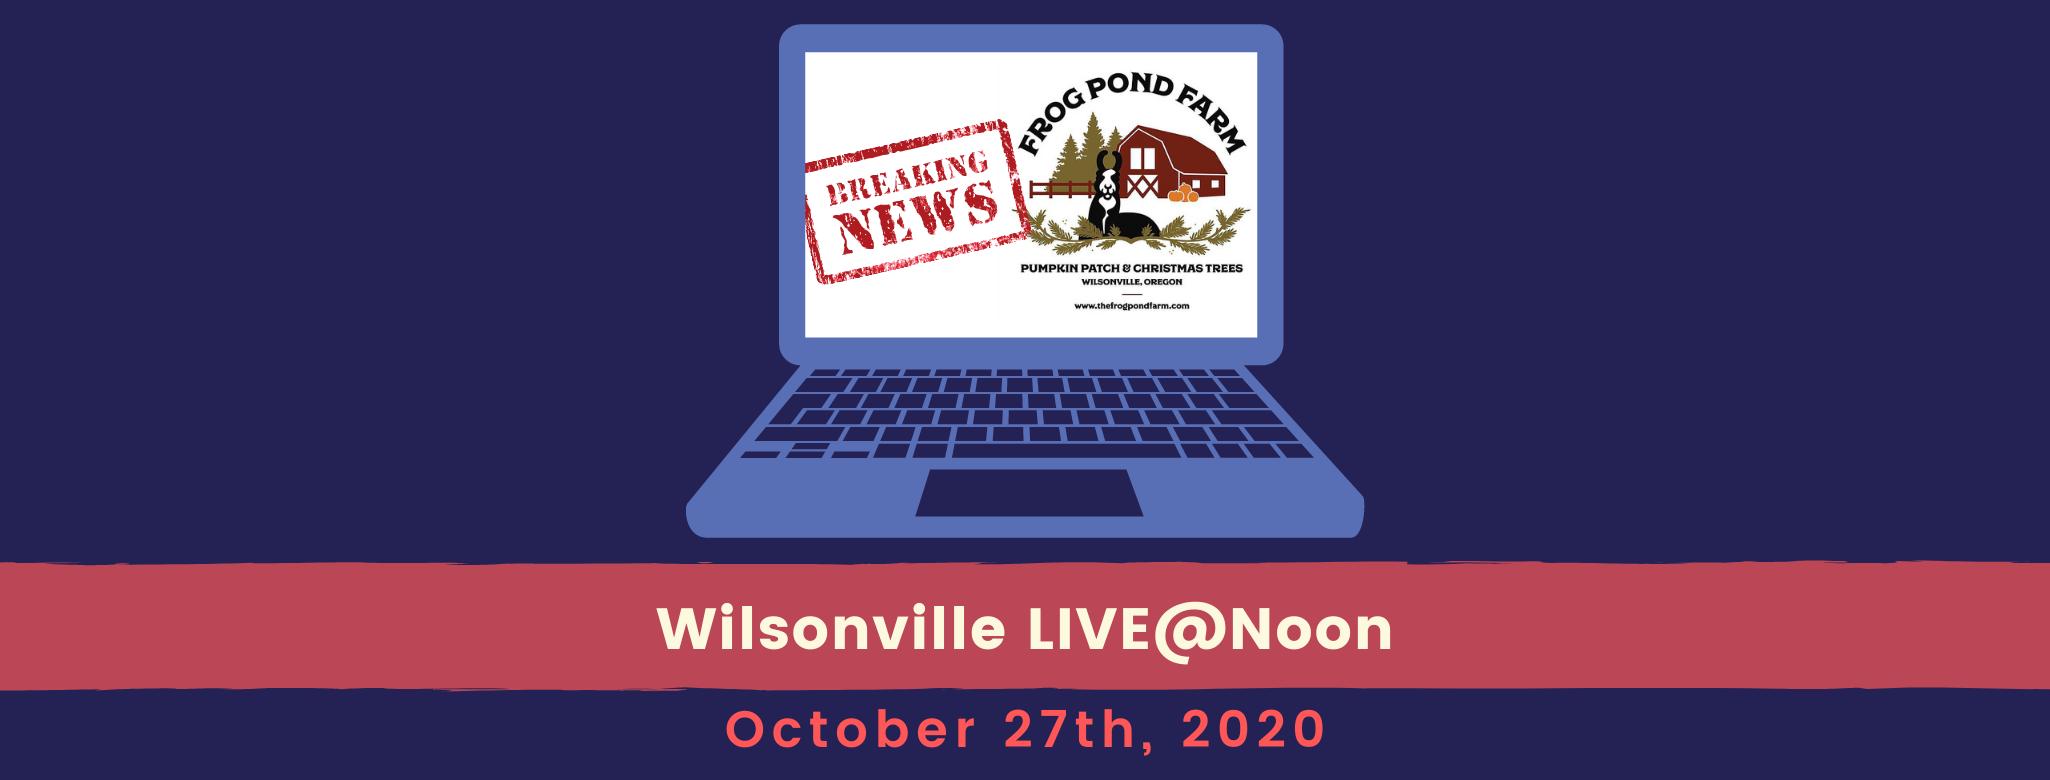 Wilsonville Live@Noon